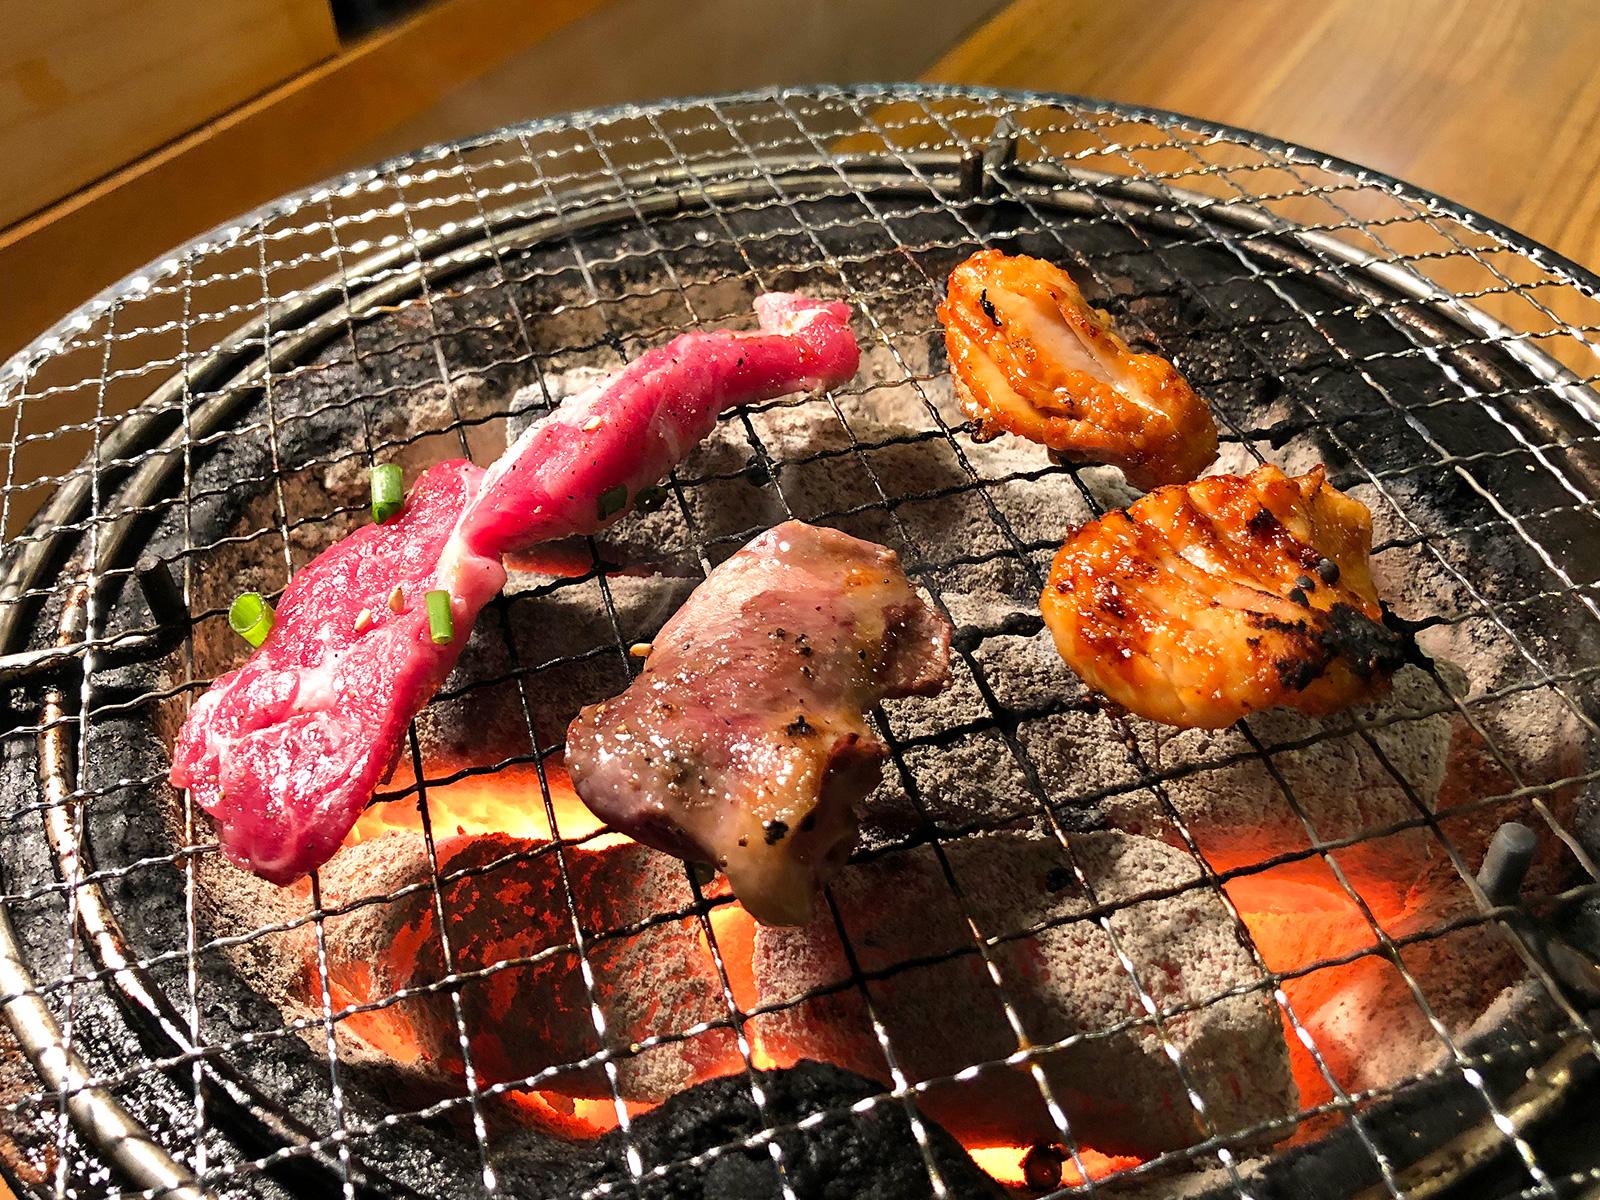 「炭火焼肉・ホルモン さらえ亭」の鶏ハツとラム肉とハラミと椎茸  @清須市下小田井